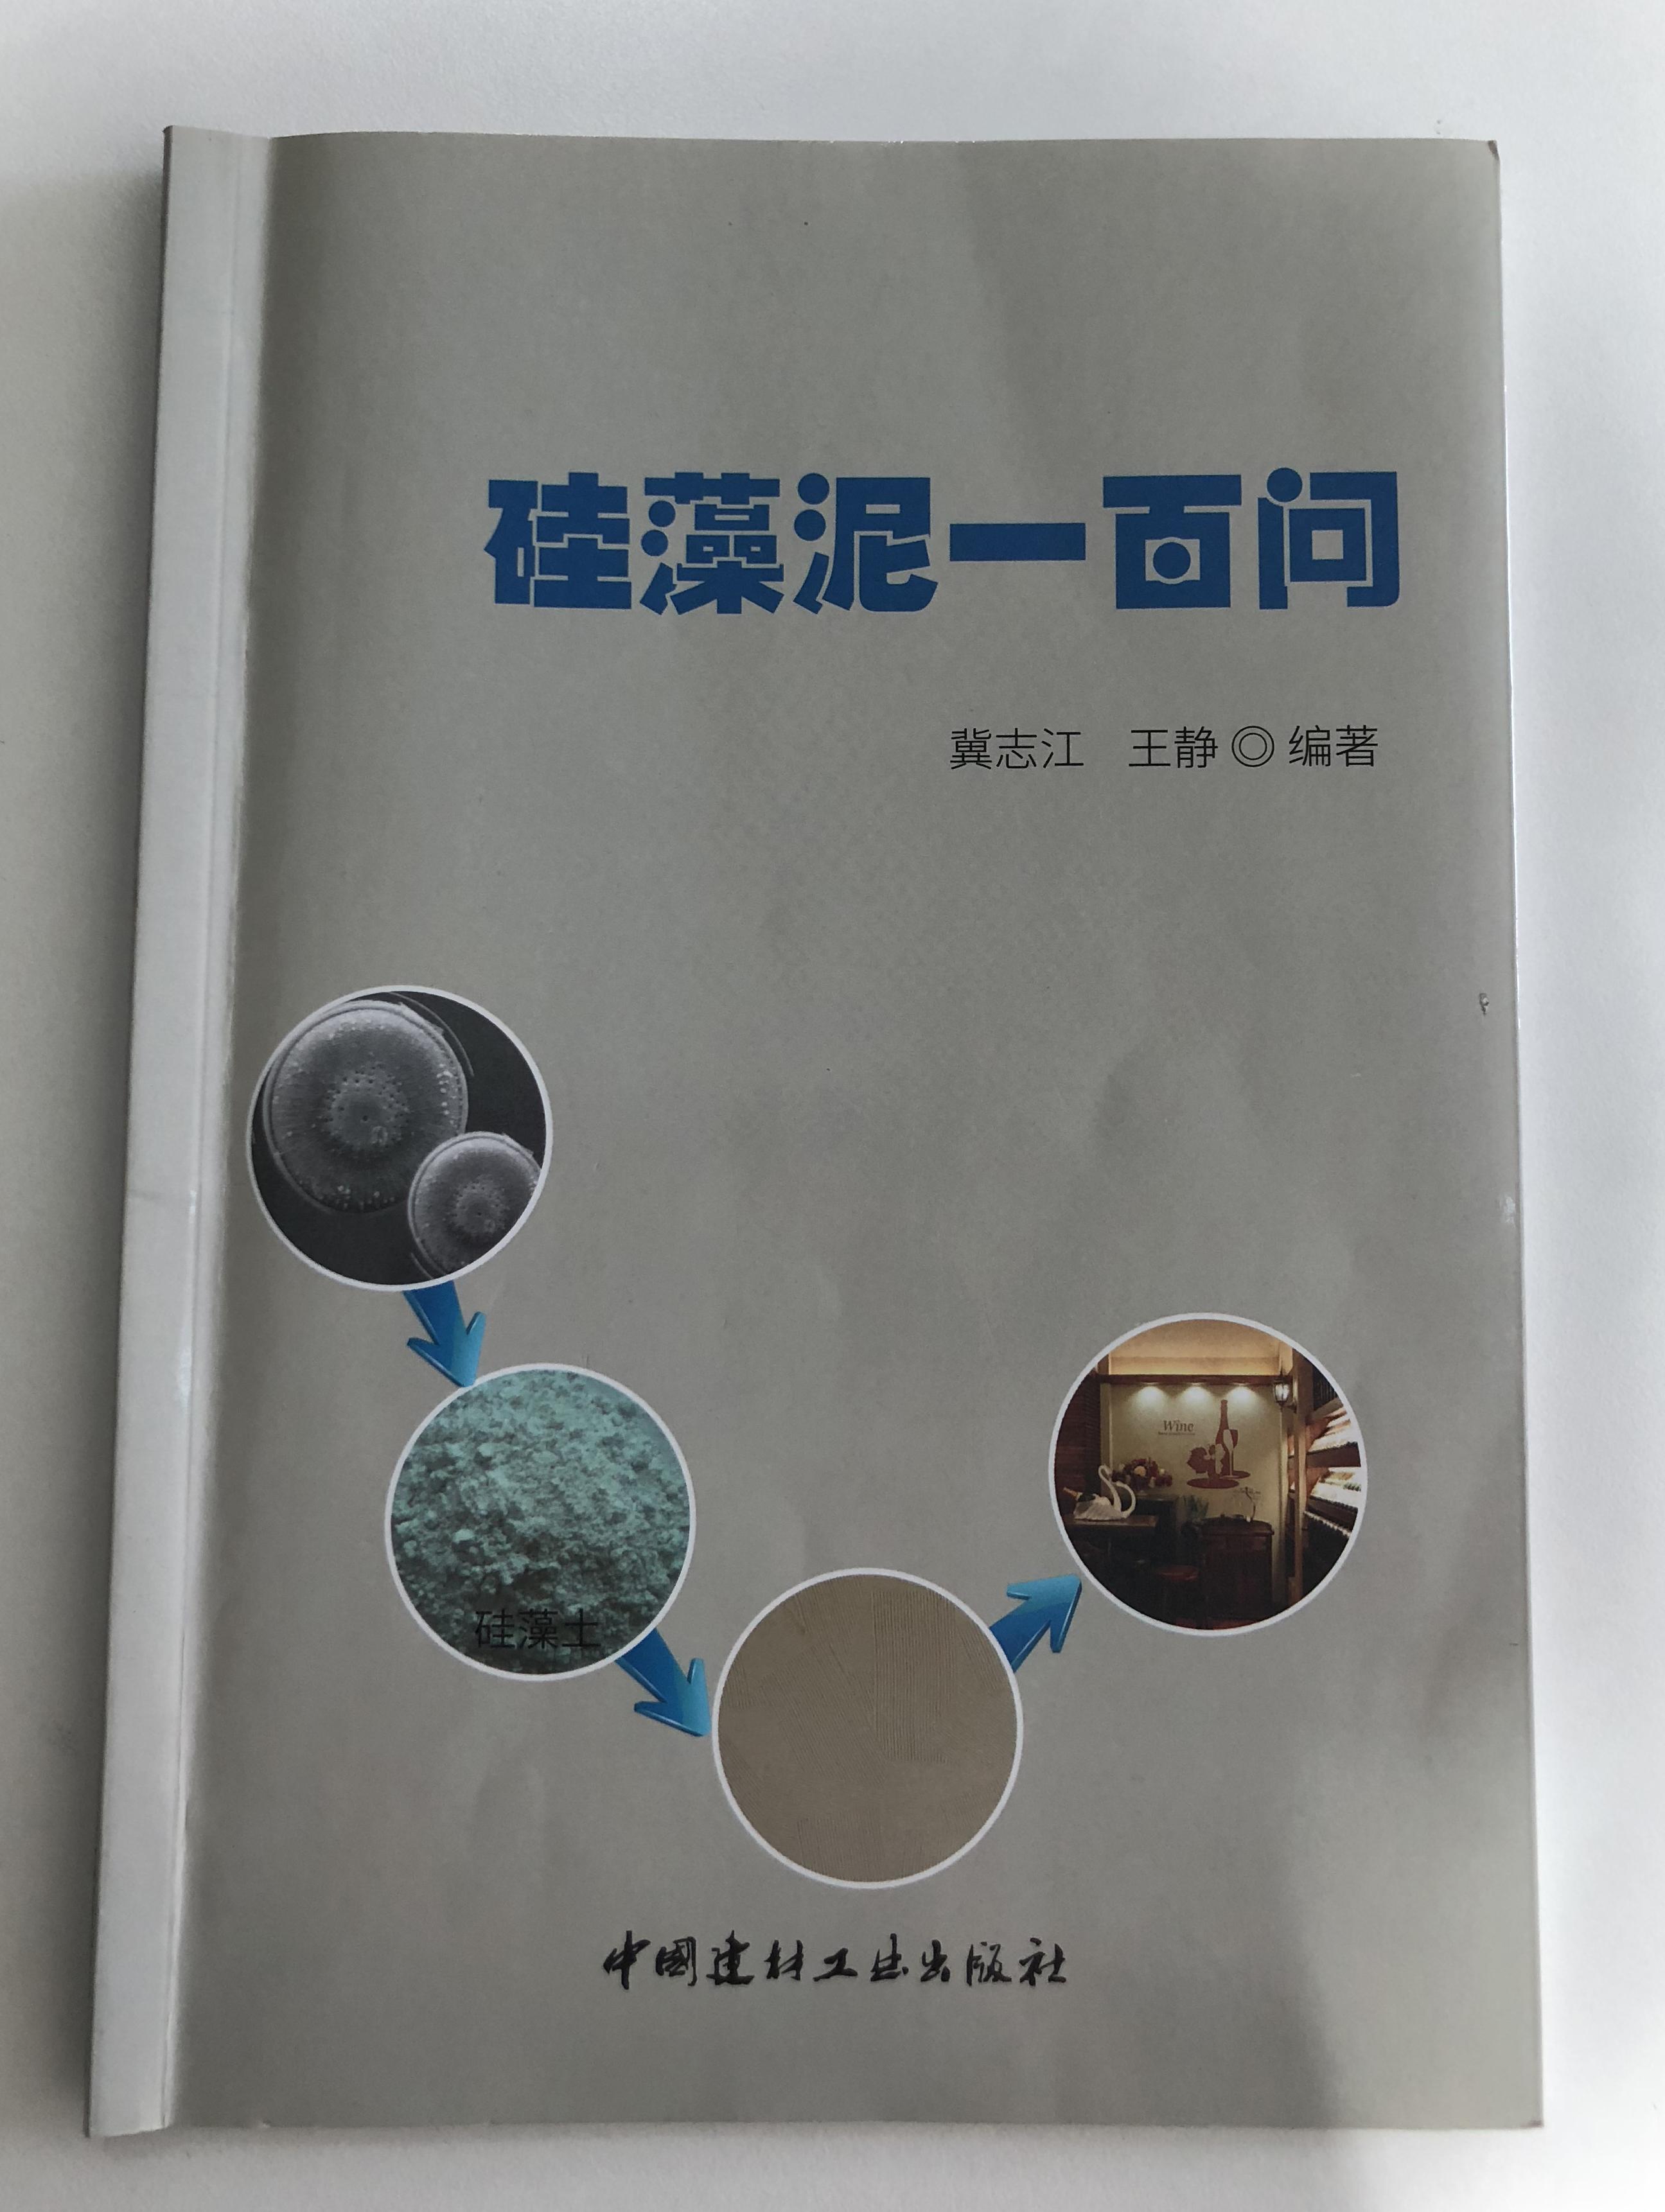 硅藻泥一百问| 有的厂商说硅藻泥具有释放负离子净化甲醛功能,对吗?